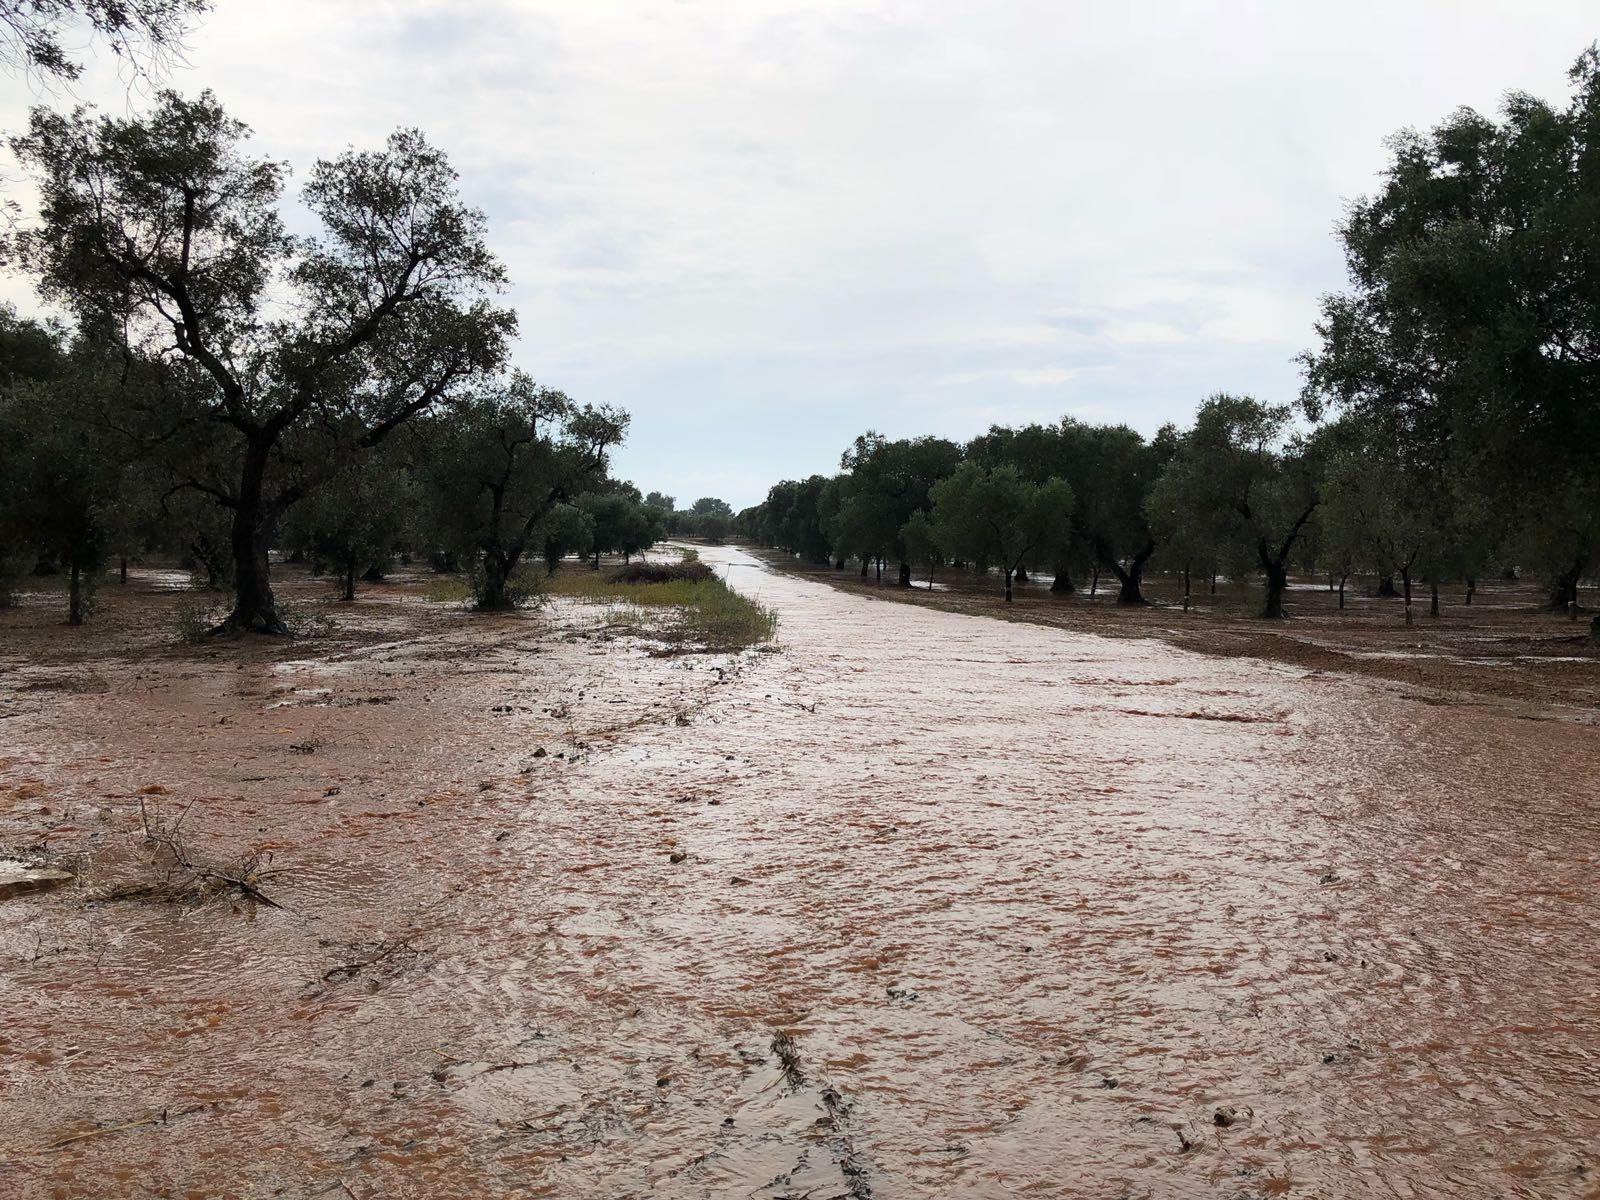 Maltempo Coldiretti danni nelle campagne pugliesi